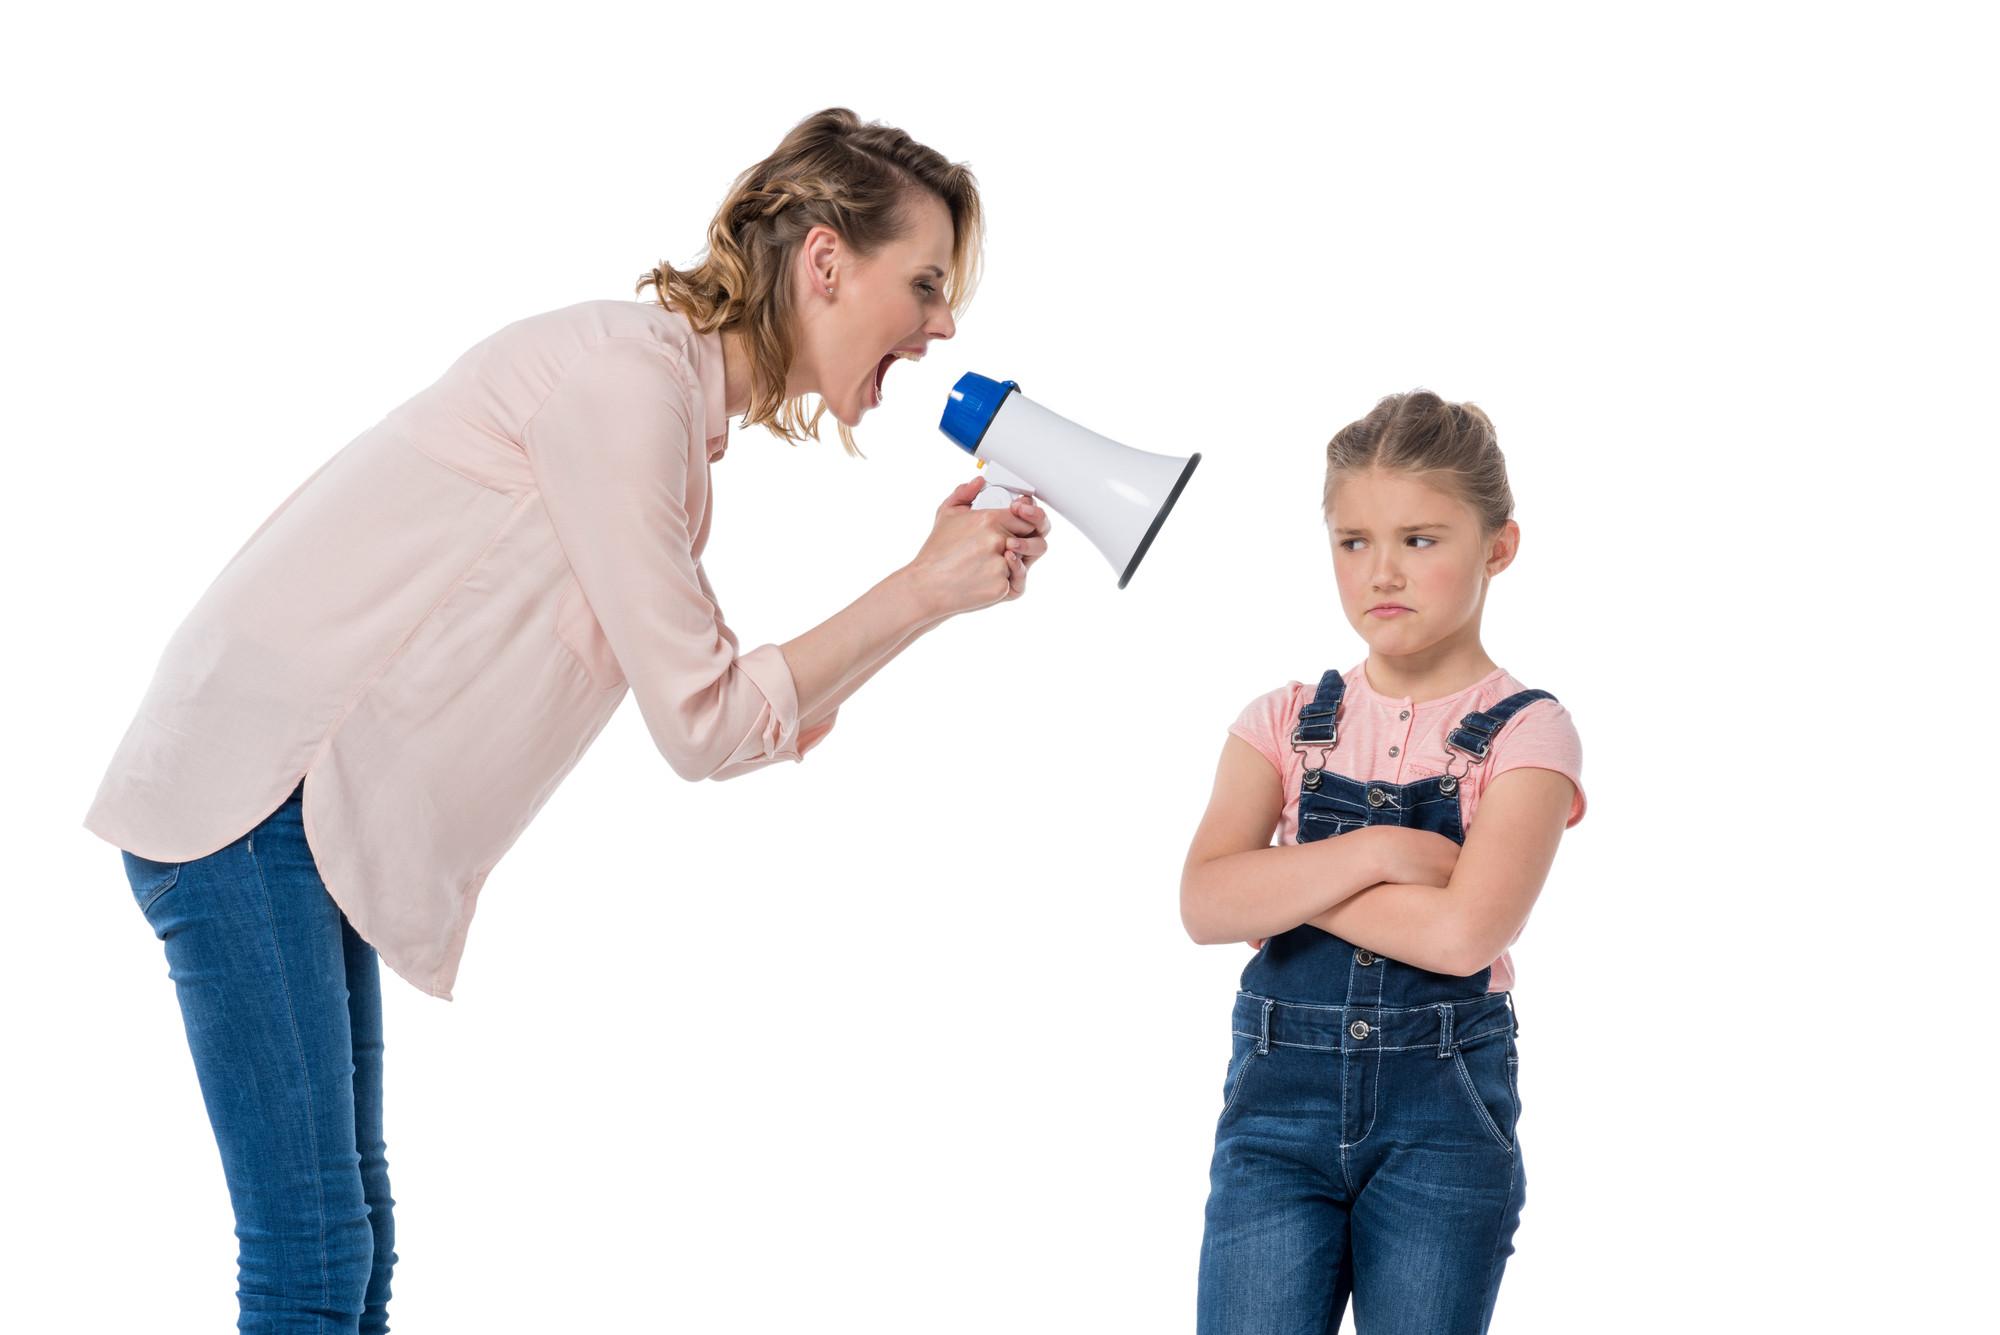 Klar und verständlich kommunizieren